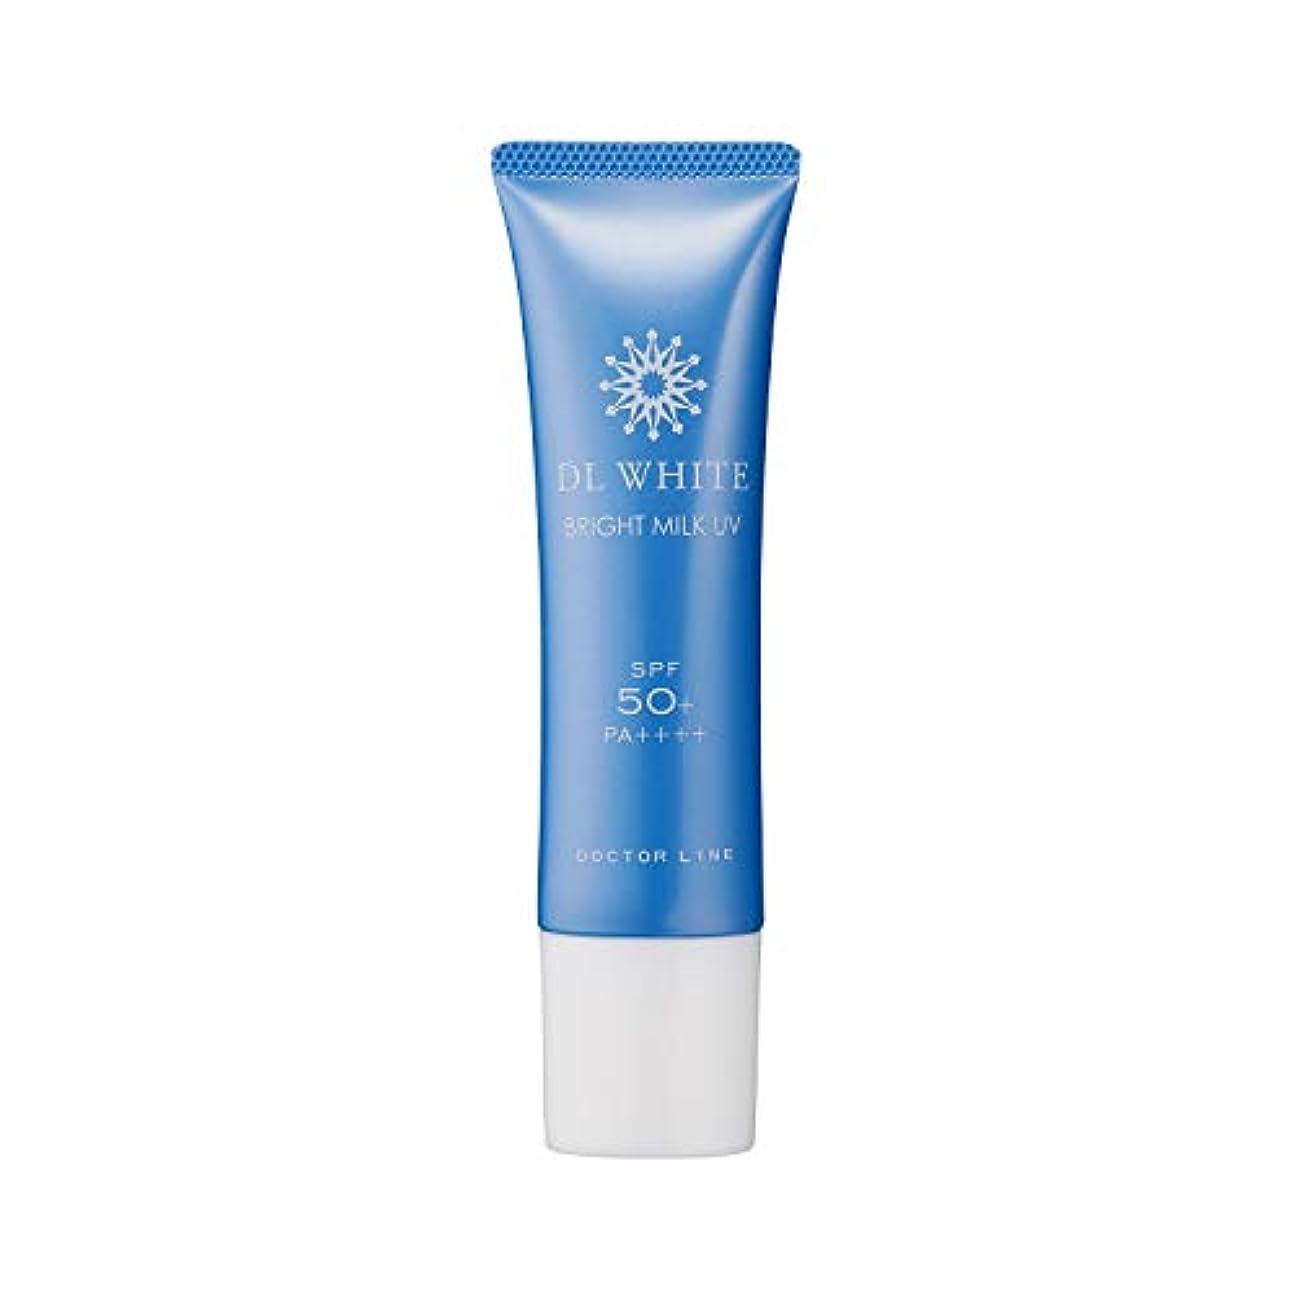 ピクニックアクティブ上ドクターライン(Doctor Line) DLホワイト ブライトミルク UV(SPF50+ PA++++) 30g